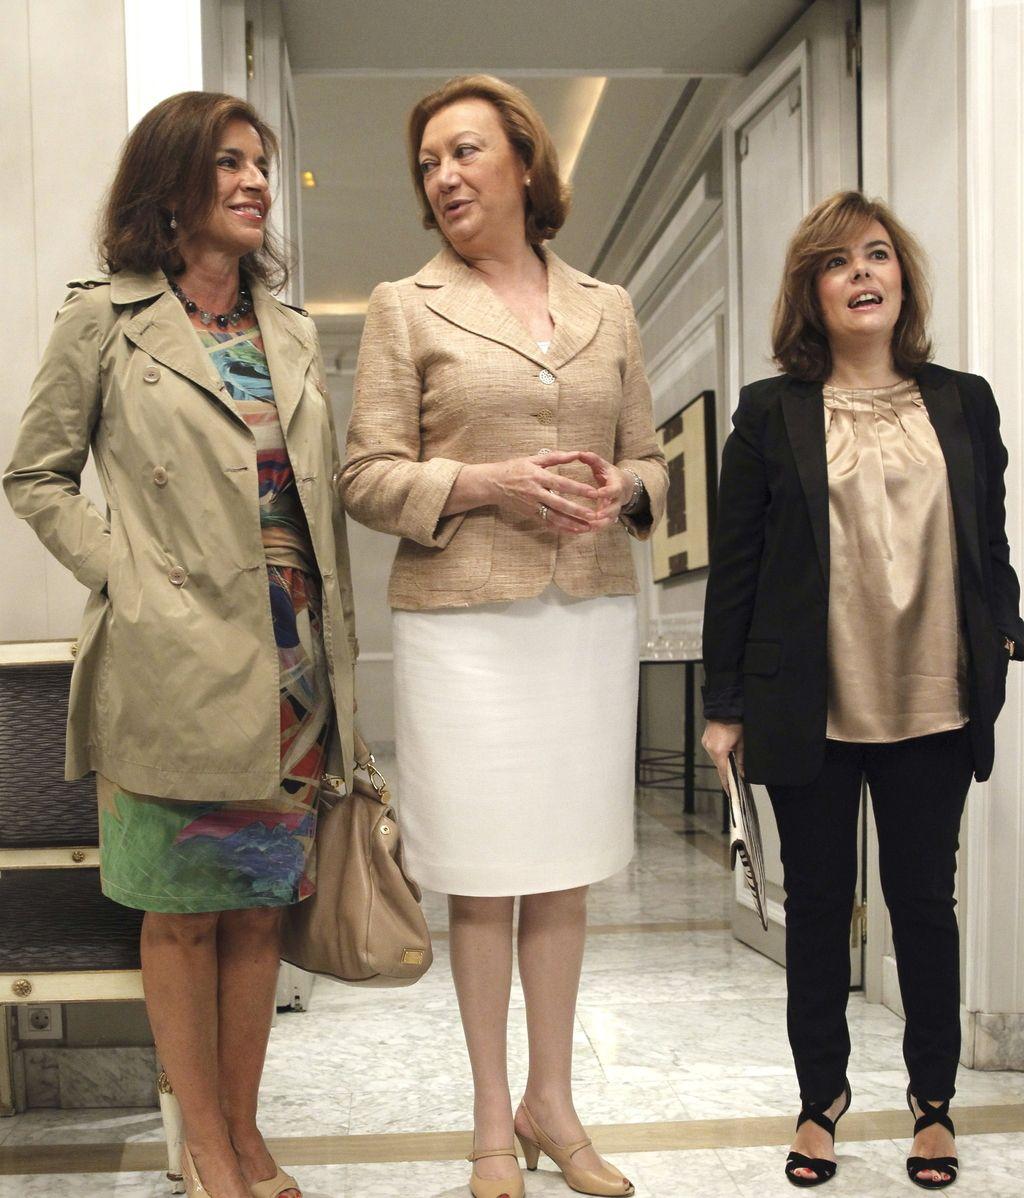 """Ana Botella, sorprendida """"totalmente"""" por Gowex, rescindirá """"inmediatamente"""" los contratos si las cuentas son falsas"""